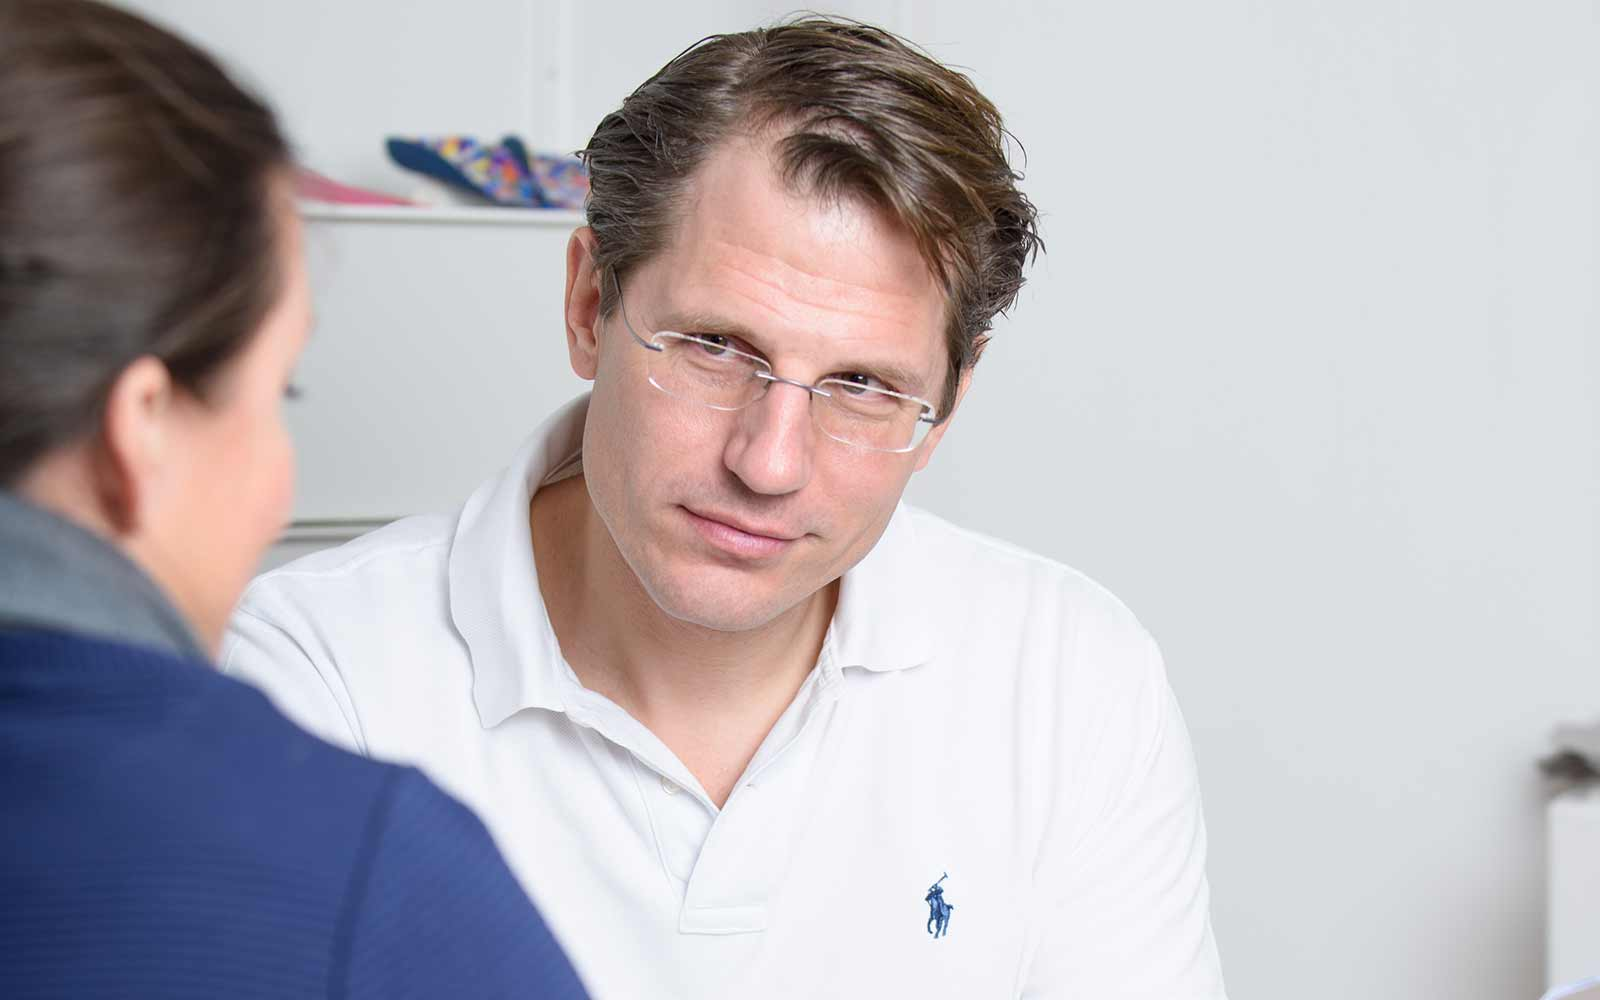 Dr. Martin Pfeiffer-Bassi im Zentrum für Interdisziplinäre Orthopädie im medsyn, Wien